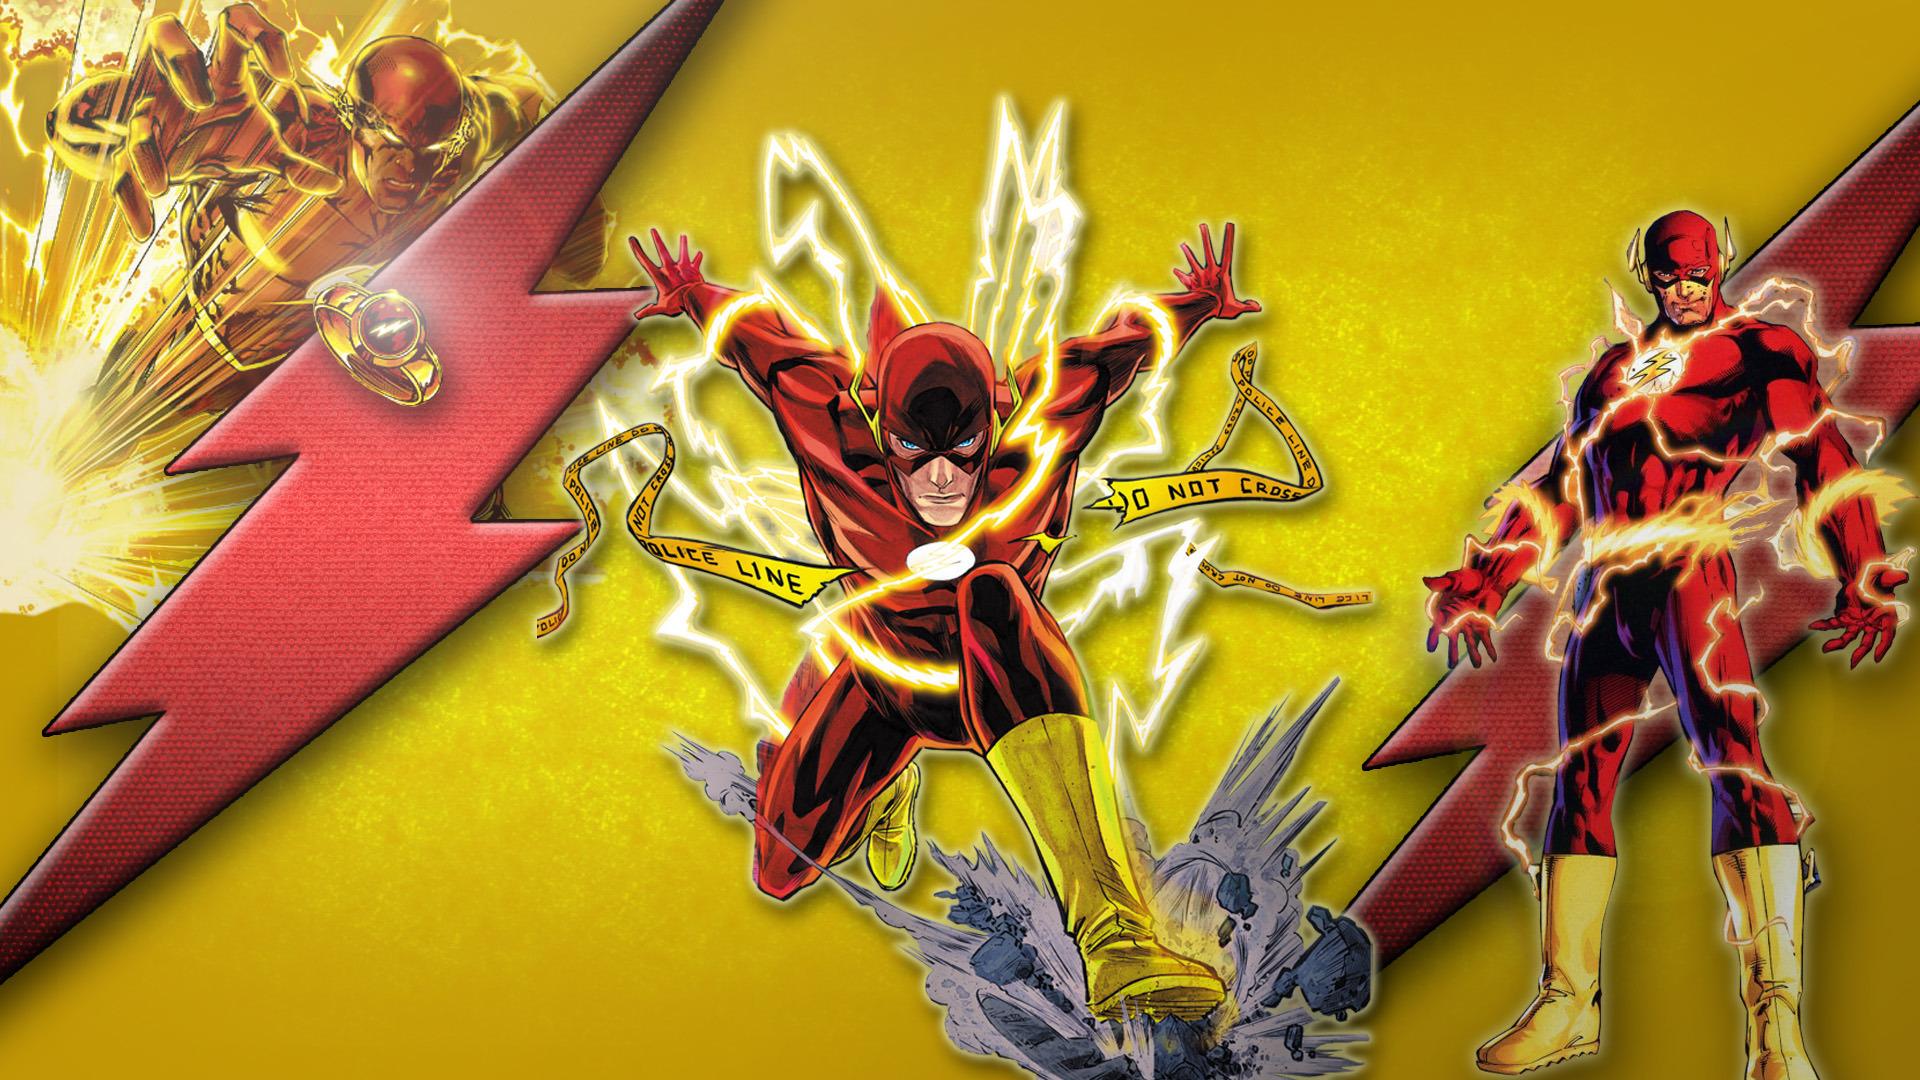 The Flash New 52 Wallpaper Wallpapersafari